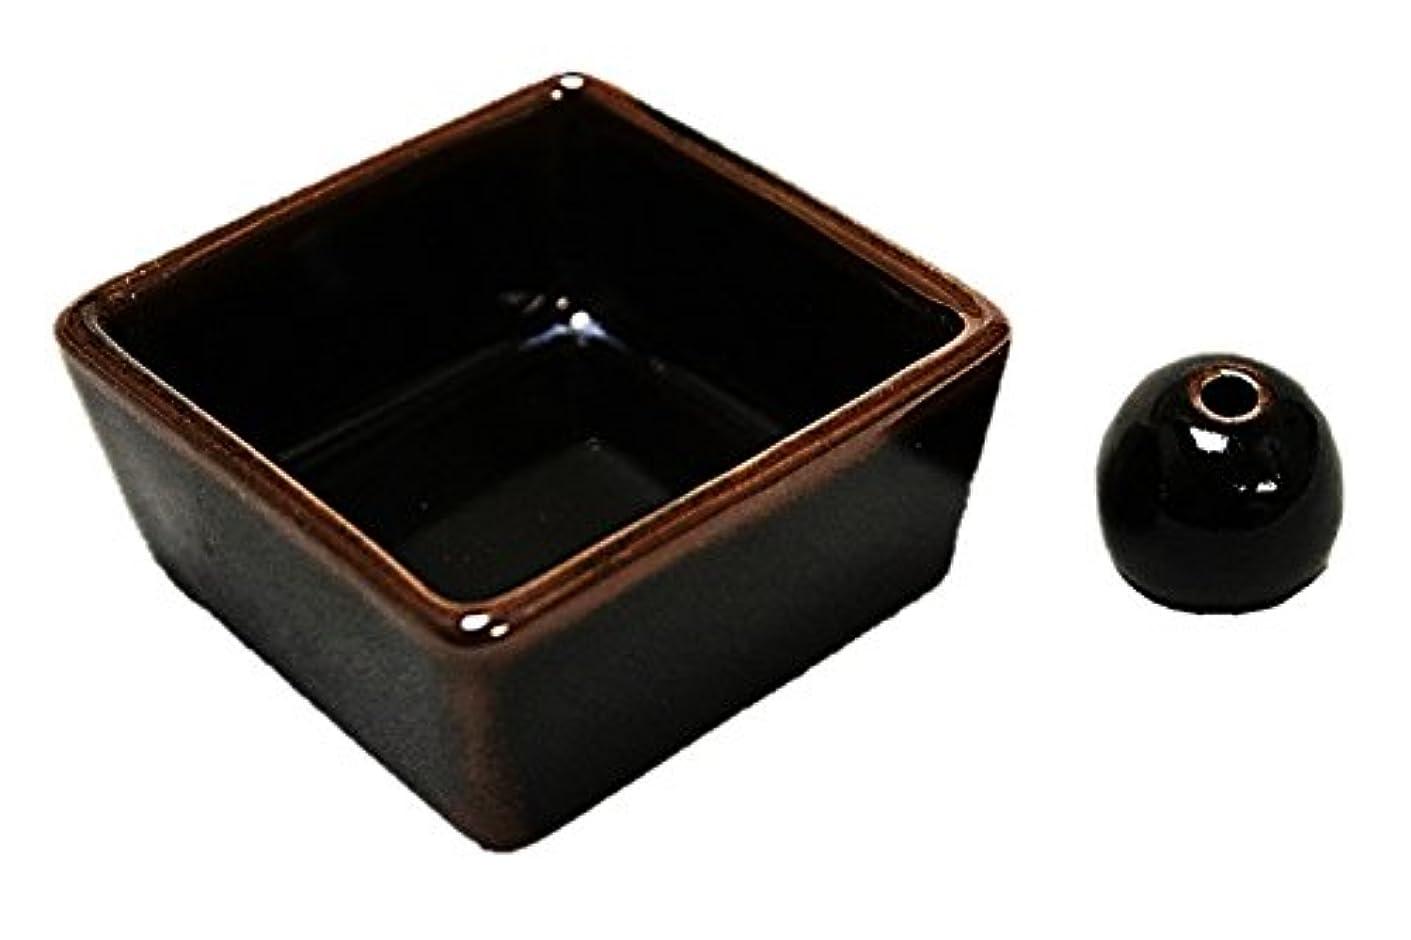 失業ペイン市長和モダン 窯変黒天目釉 お香立て 陶器 角鉢 製造直売品